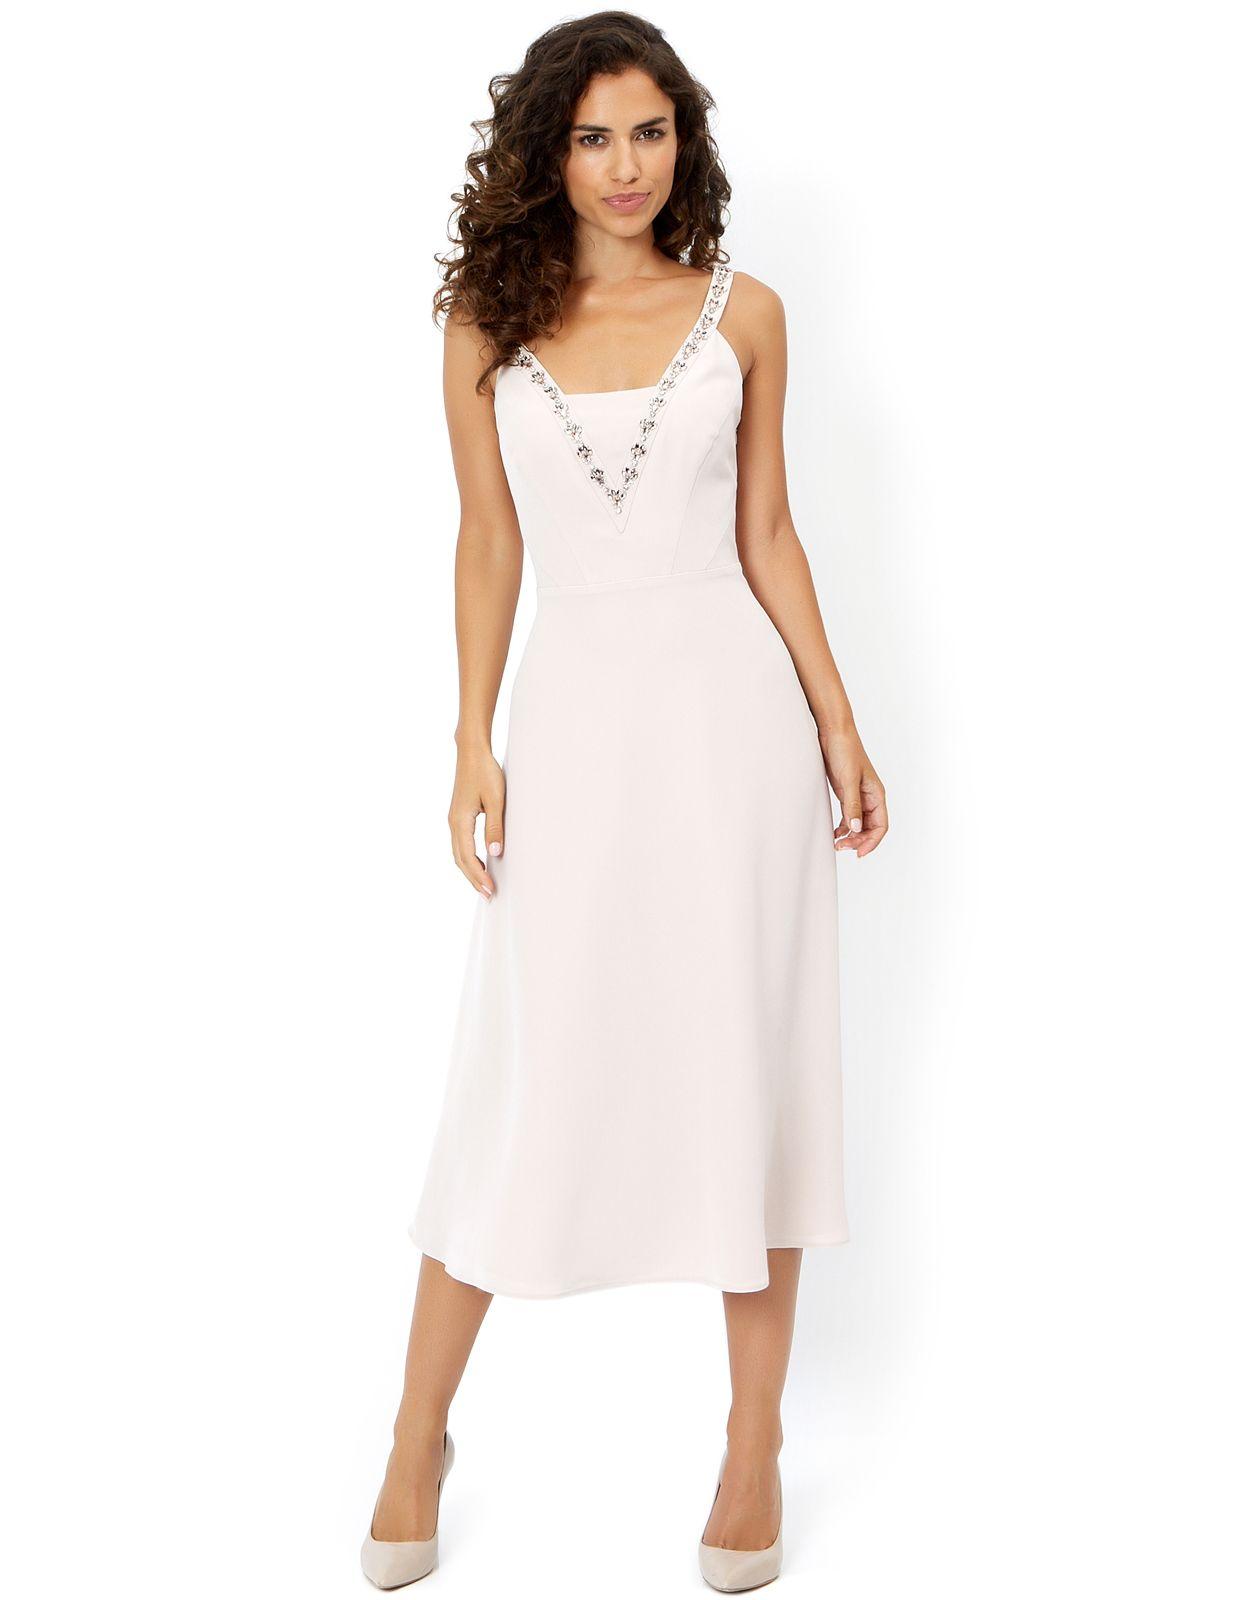 e9708387f88 Loka Dress